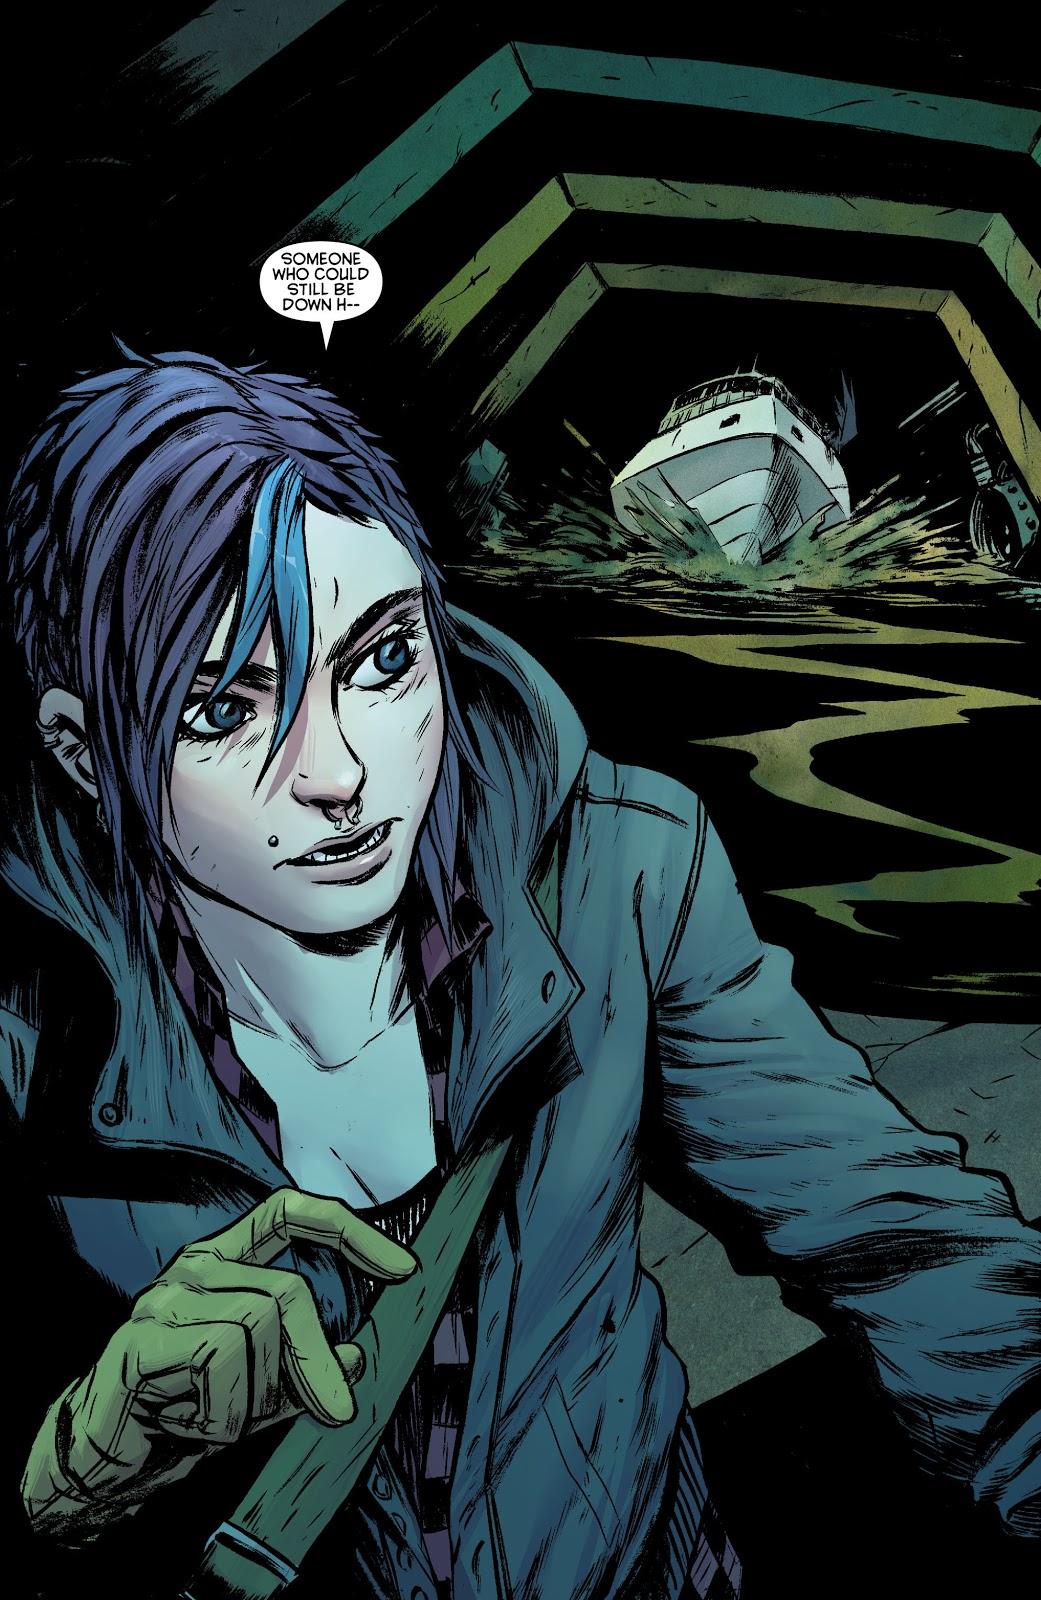 Harper Row (Batman Vol. 2 #12)